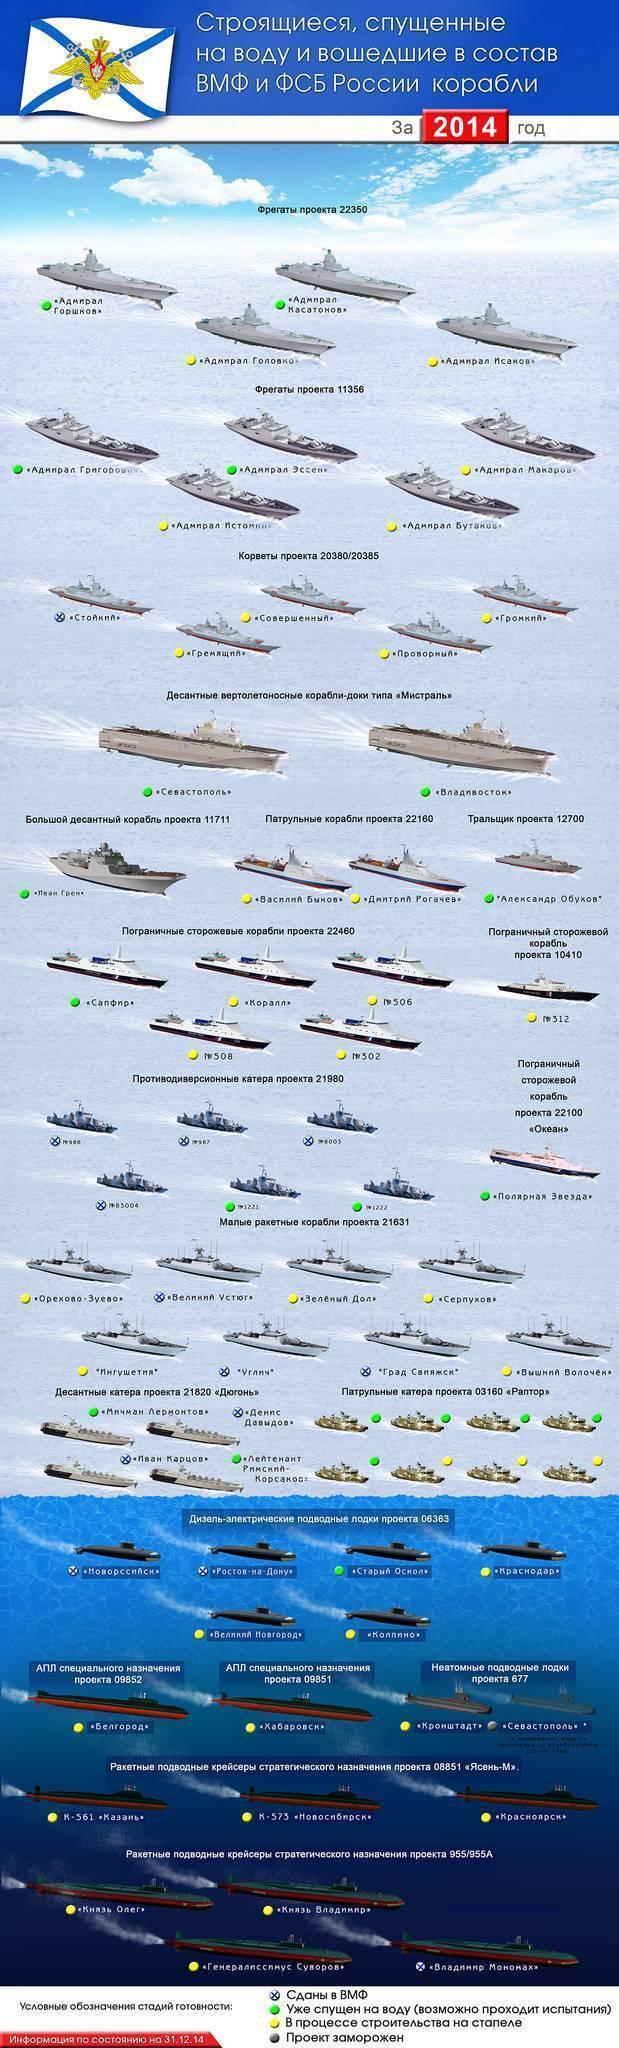 Вмф – военно-морской флот россии